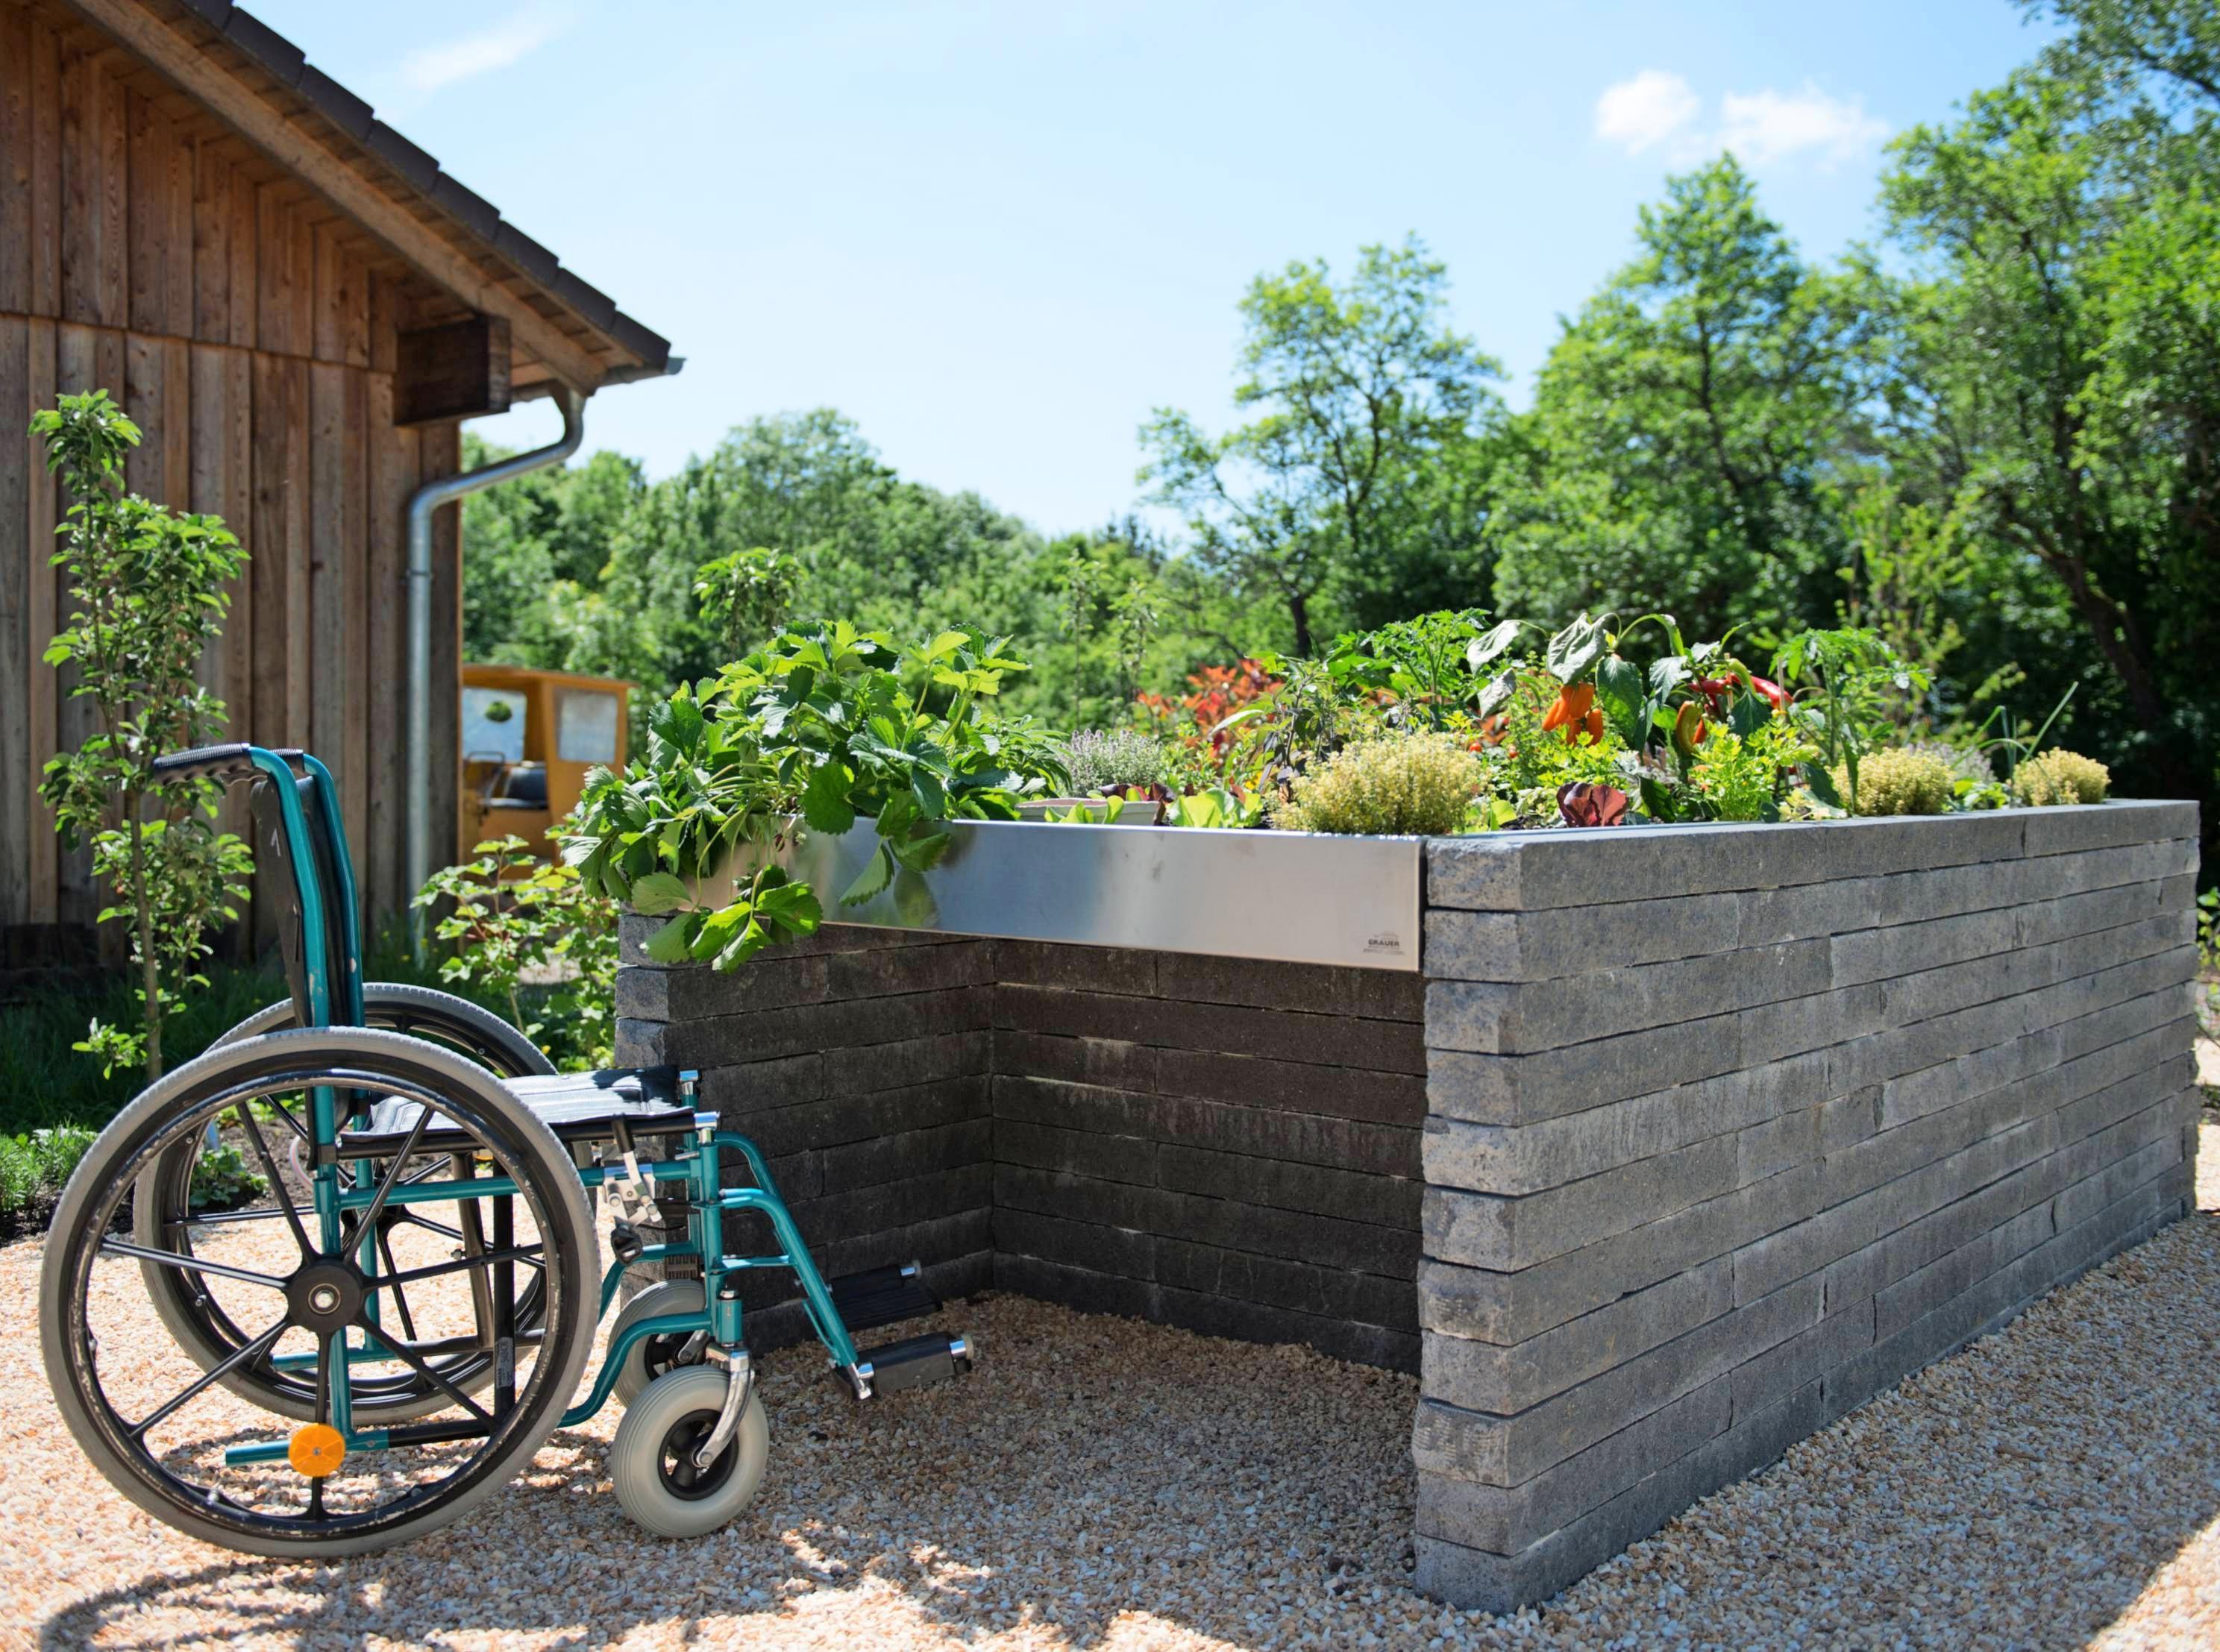 Therapie- und Sinnesgärten für Menschen mit Handicap, Ältere, Kinder und Traumatisierte.